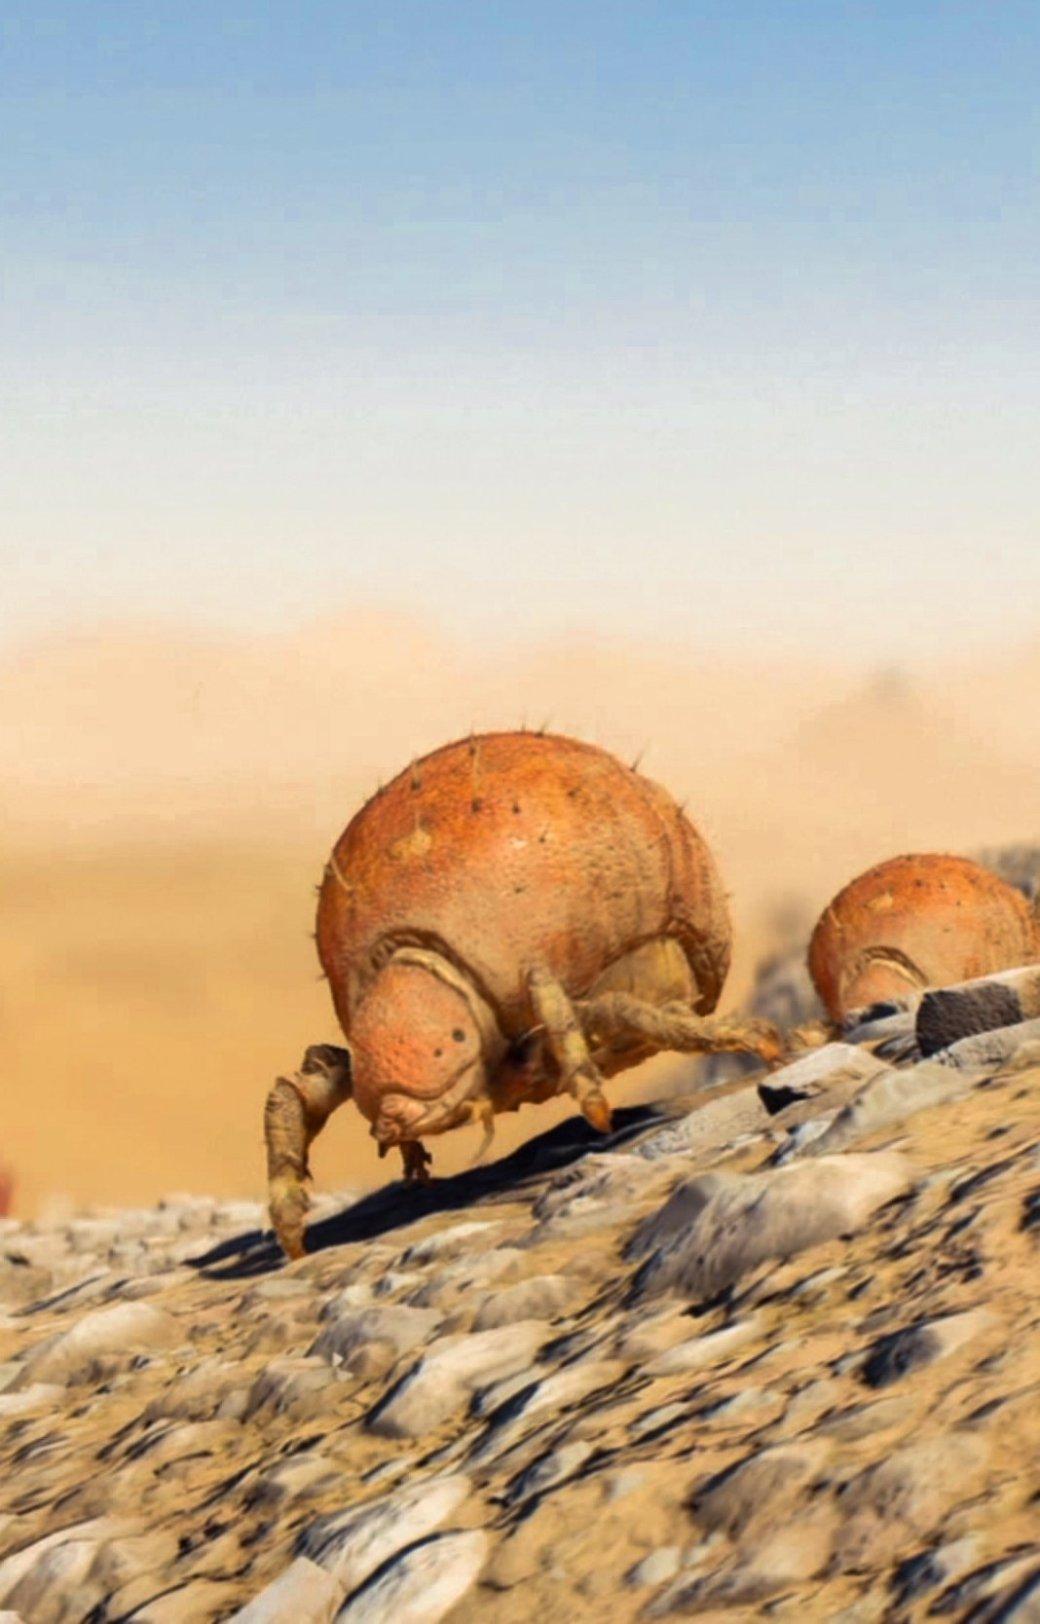 Рецензия на Mass Effect: Andromeda. Обзор игры - Изображение 8